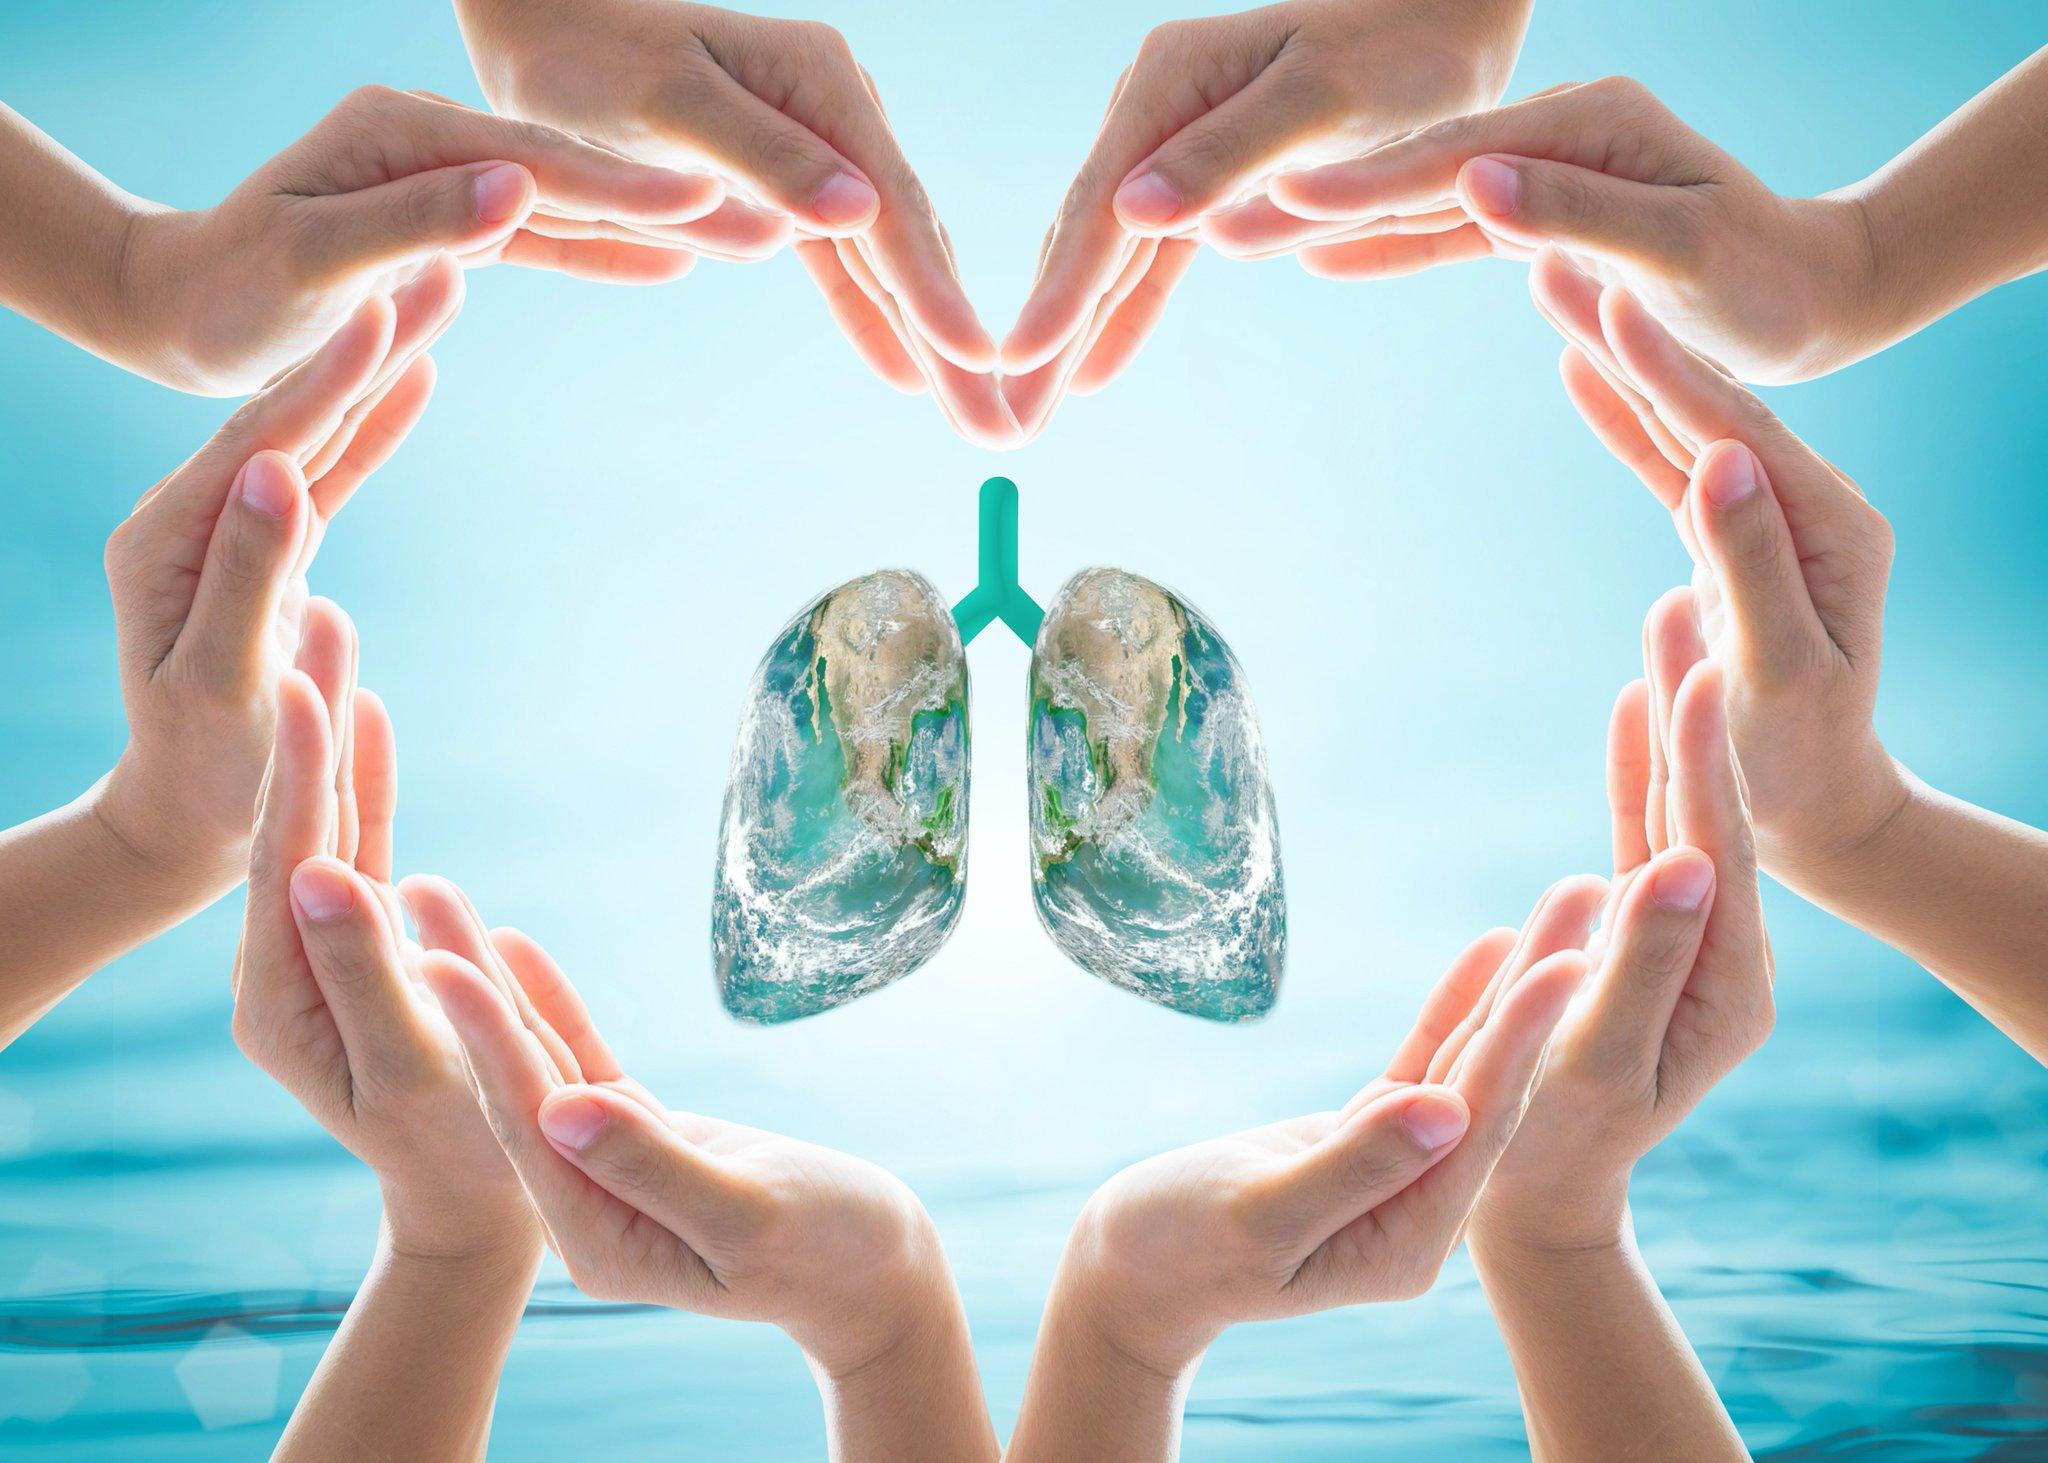 Ziua Mondială a Pneumoniei – 12 noiembrie 2020